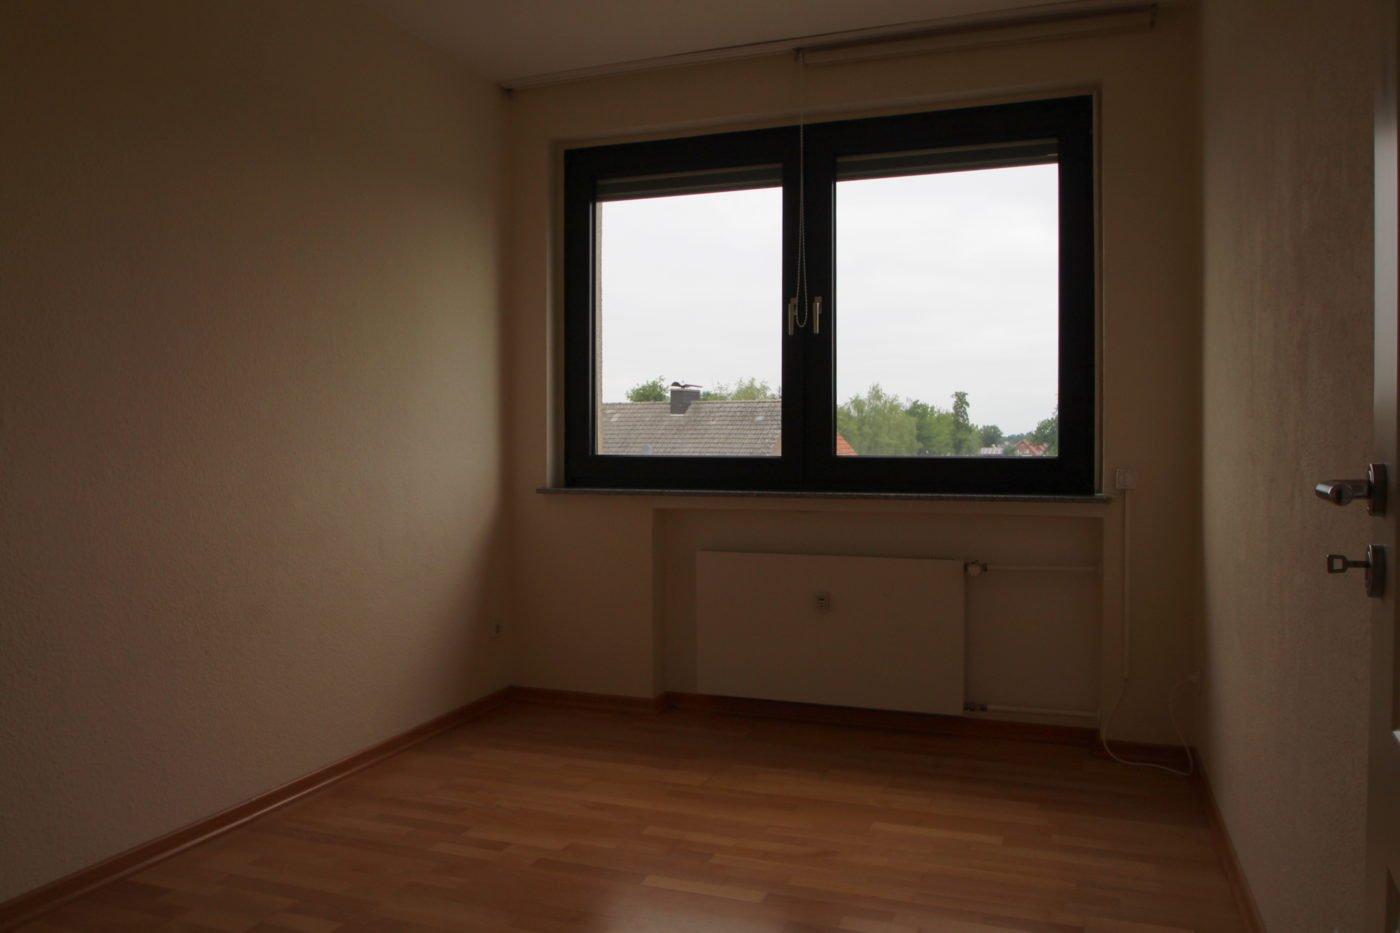 Vorher Foto vom Kinderzimmer. Kinderzimmer vor dem Homestaging durch Blickfang Homestaging in Soest